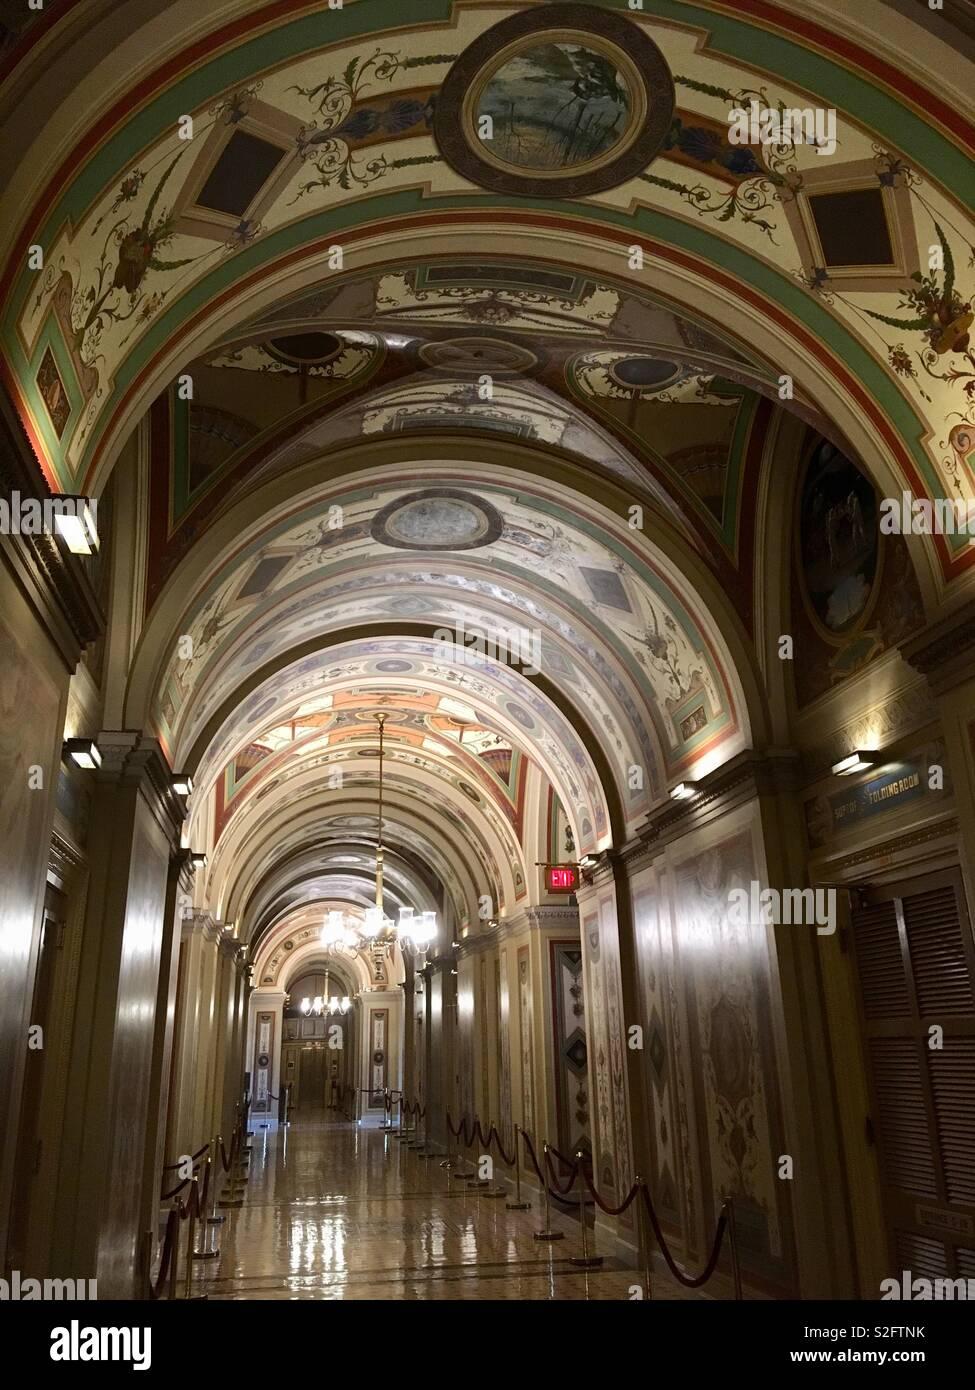 Die brumidi Korridore, der United States Capitol. Fresken ainted zwischen 1856 - mit Pflanzen, Früchte, Tiere, und Symbole der amerikanischen Kultur. Stockbild